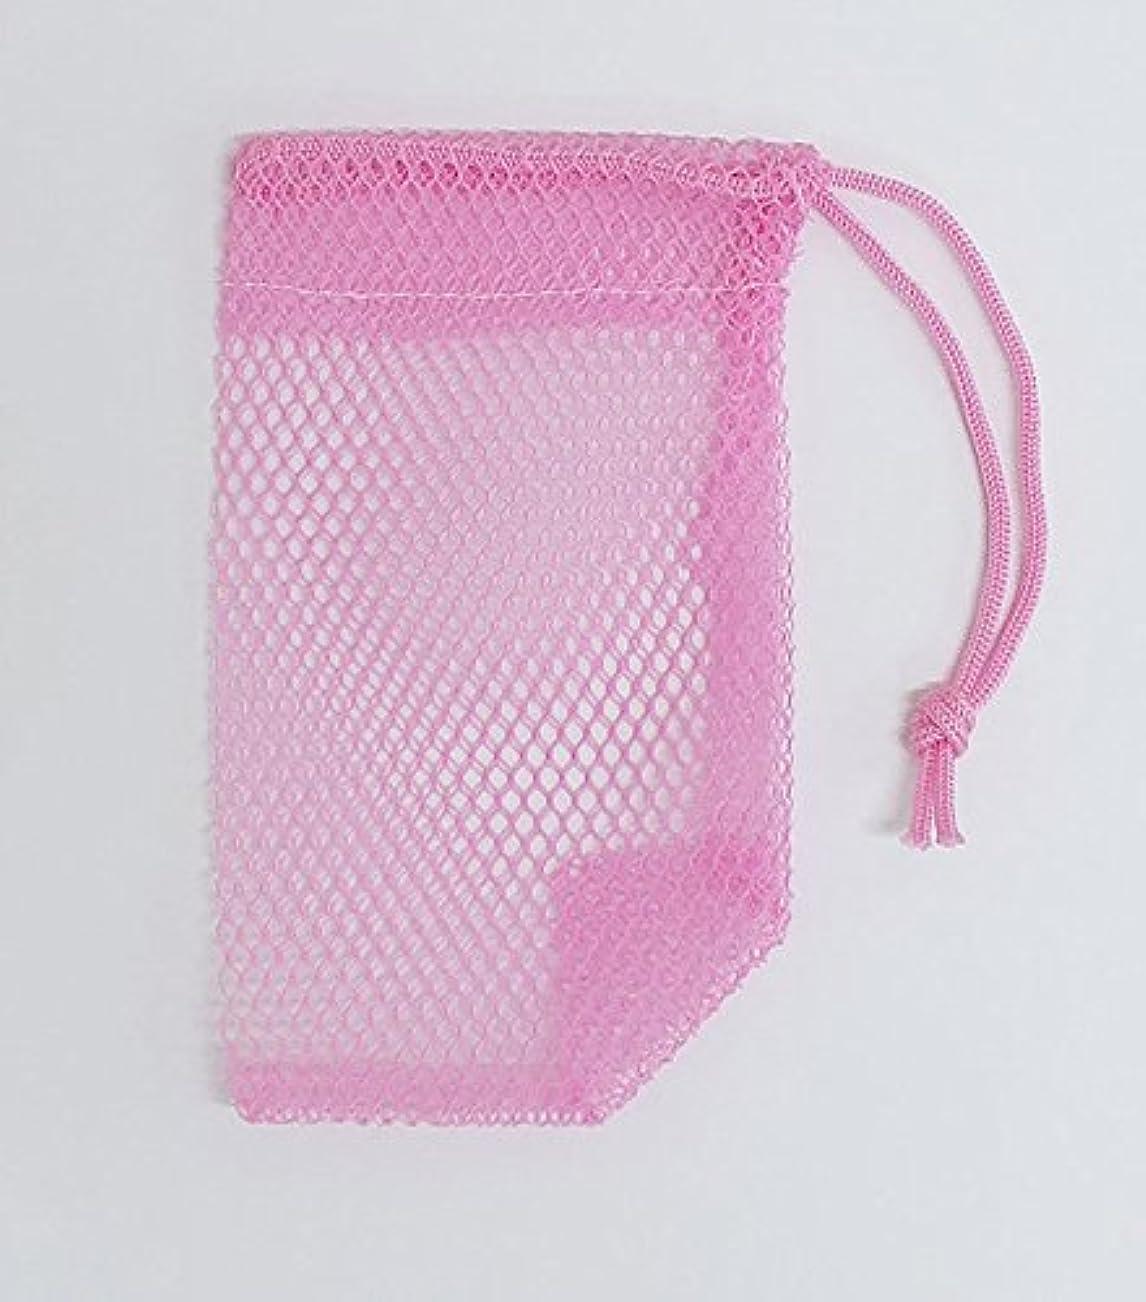 上下する対応重要な石けんネット ひもタイプ 20枚組  ピンク